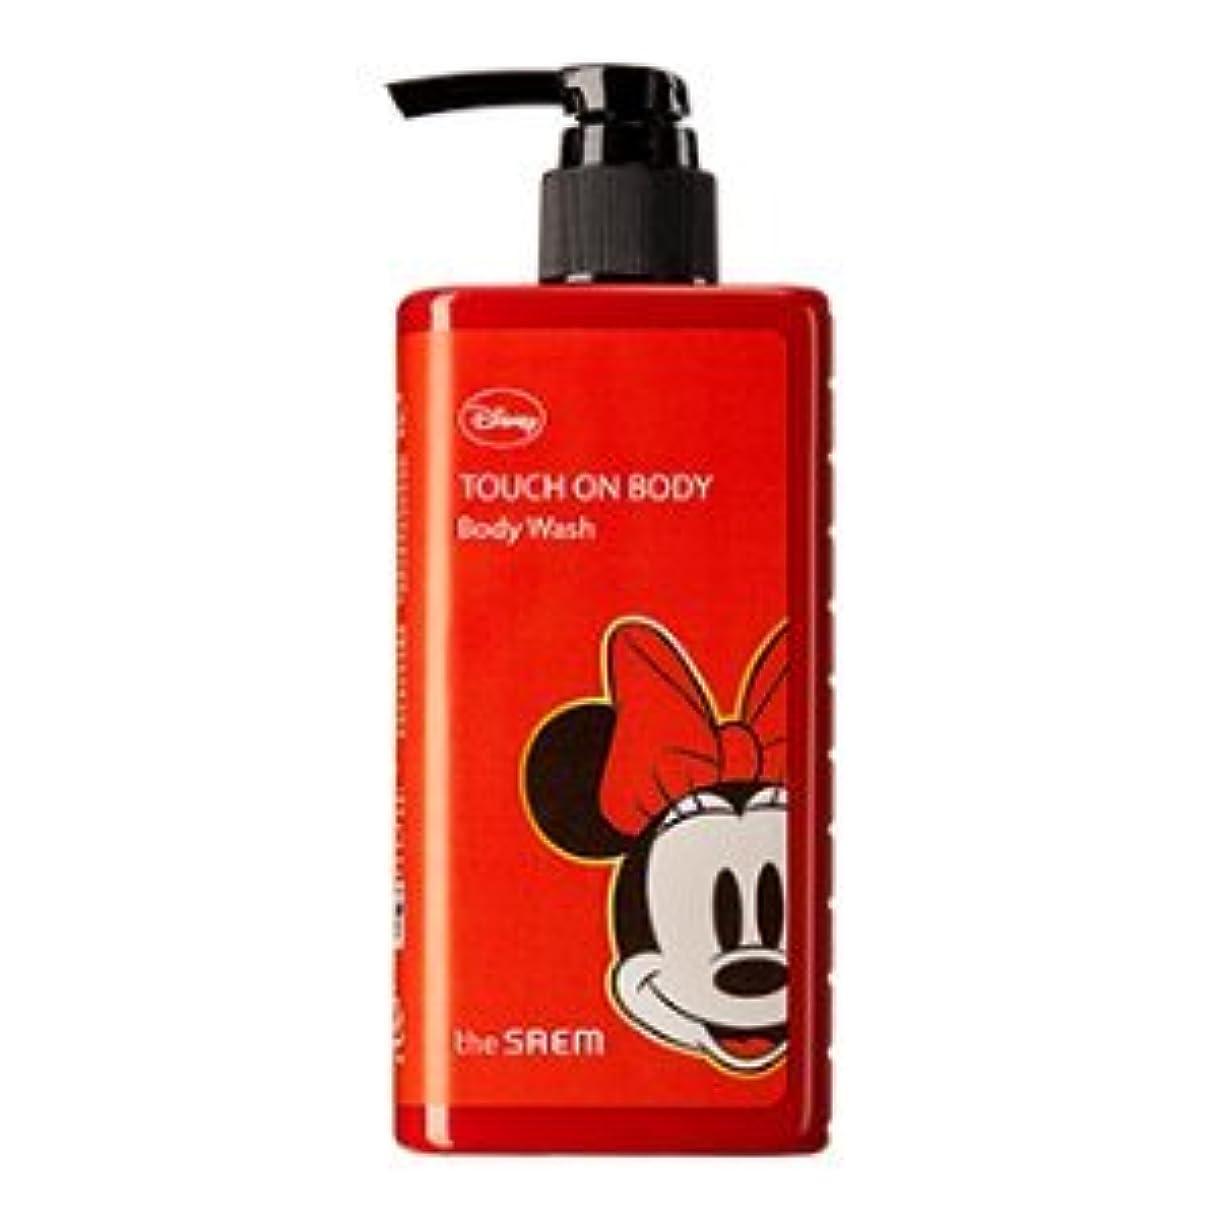 説明的指紋真実(The Saem X Disney )Touch On Body Acerola Body Wash 300ml / ザセム タッチオンボディーアセロラボディーウォッシュ (ディズニーエディション) [並行輸入品]